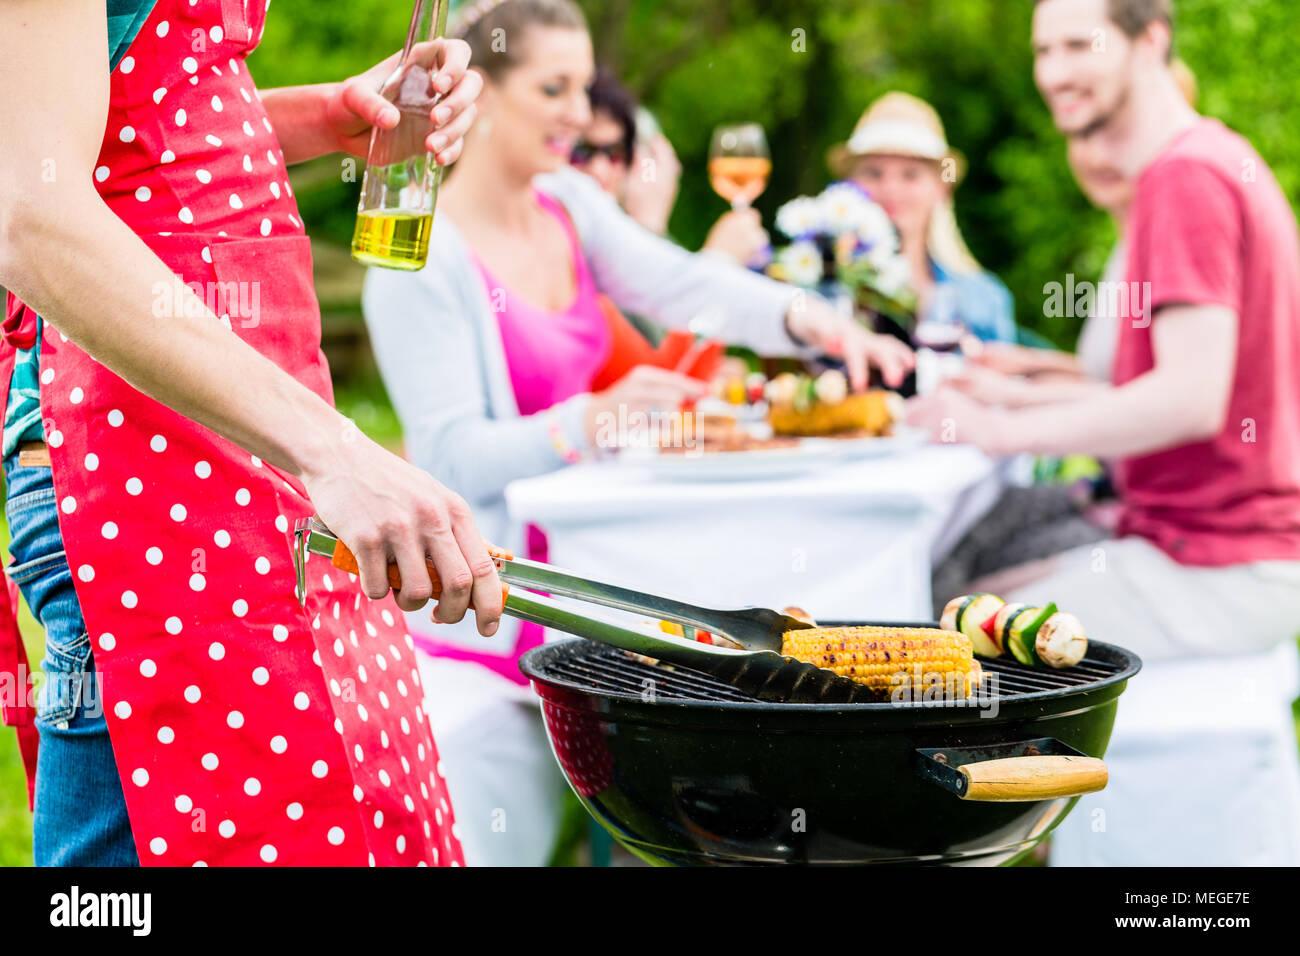 Man Grillen von Fleisch und Gemüse auf Garden Party Stockbild